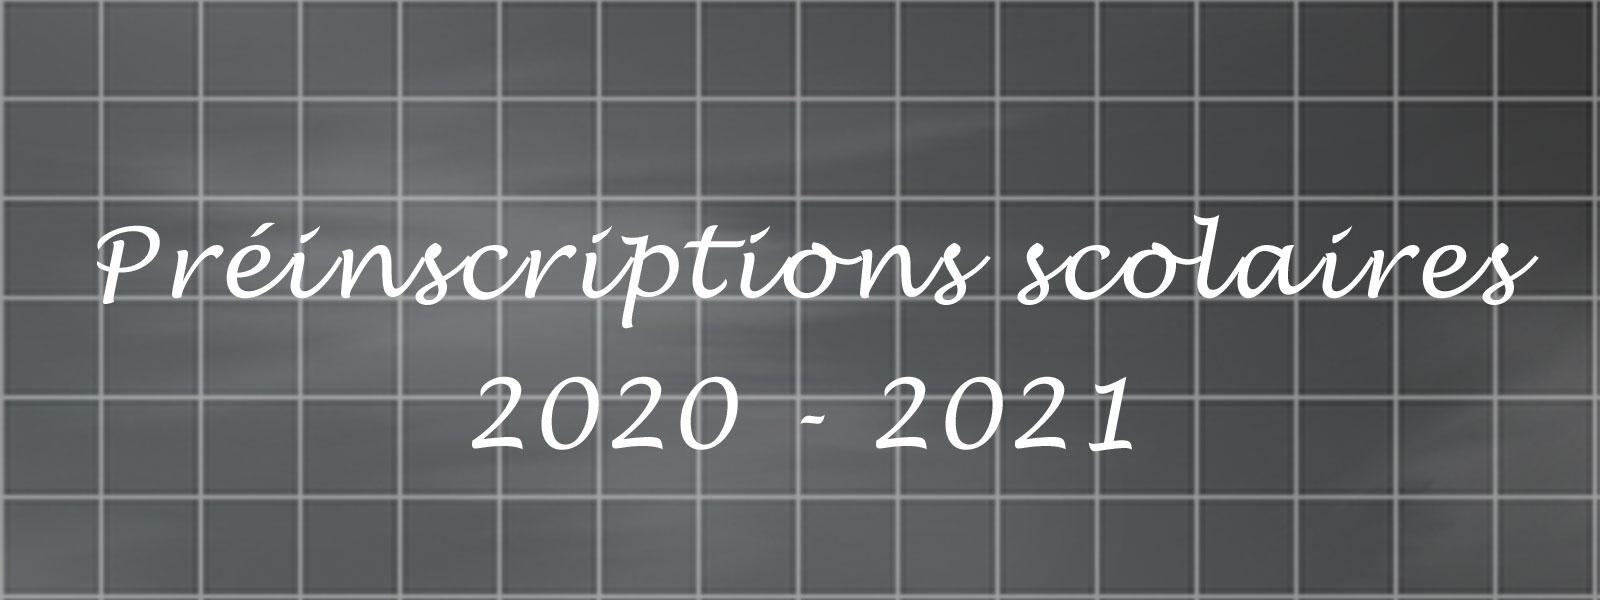 Préinscriptions scolaires 2020-2021